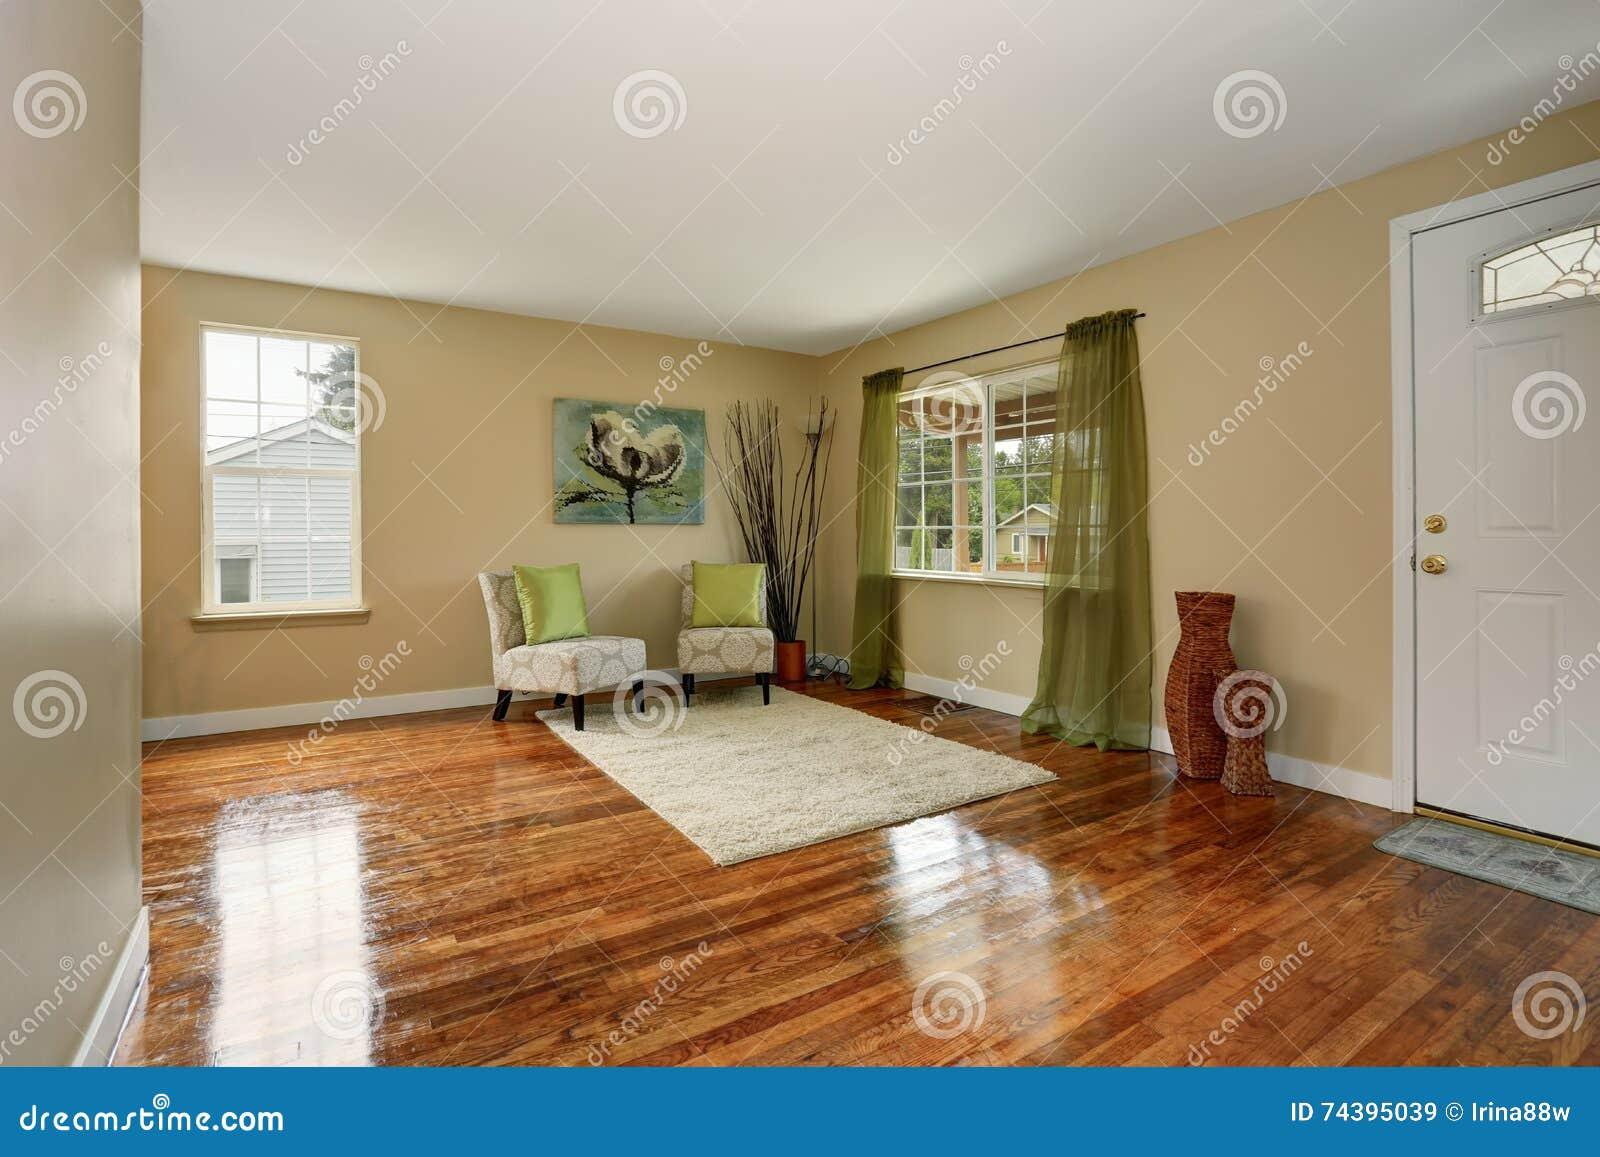 Comfortabele Beige Woonkamer Met Glanzende Hardhoutvloer En Groen ...